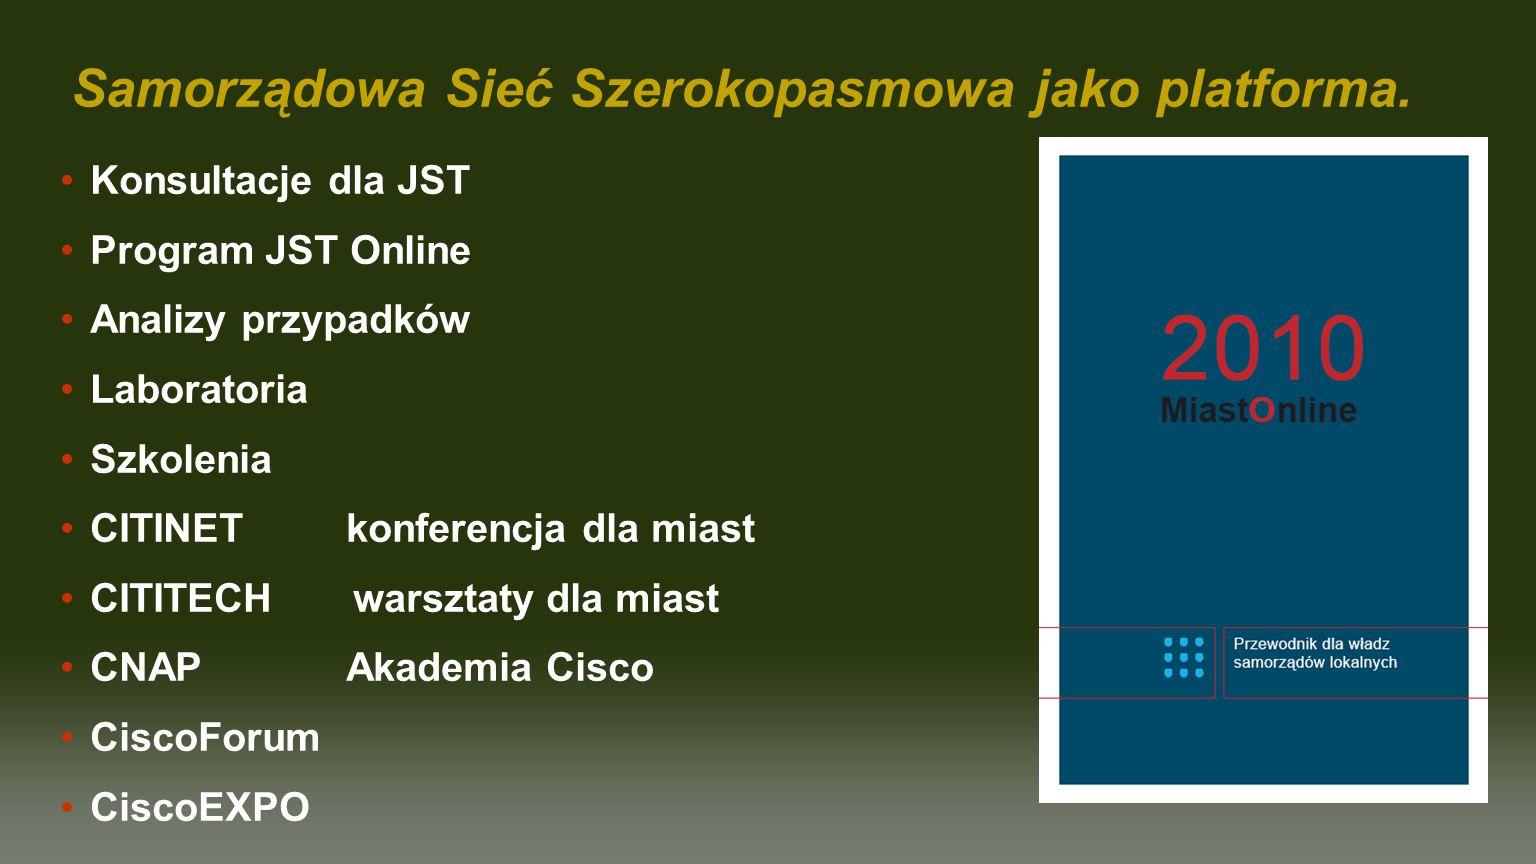 Samorządowa Sieć Szerokopasmowa jako platforma.